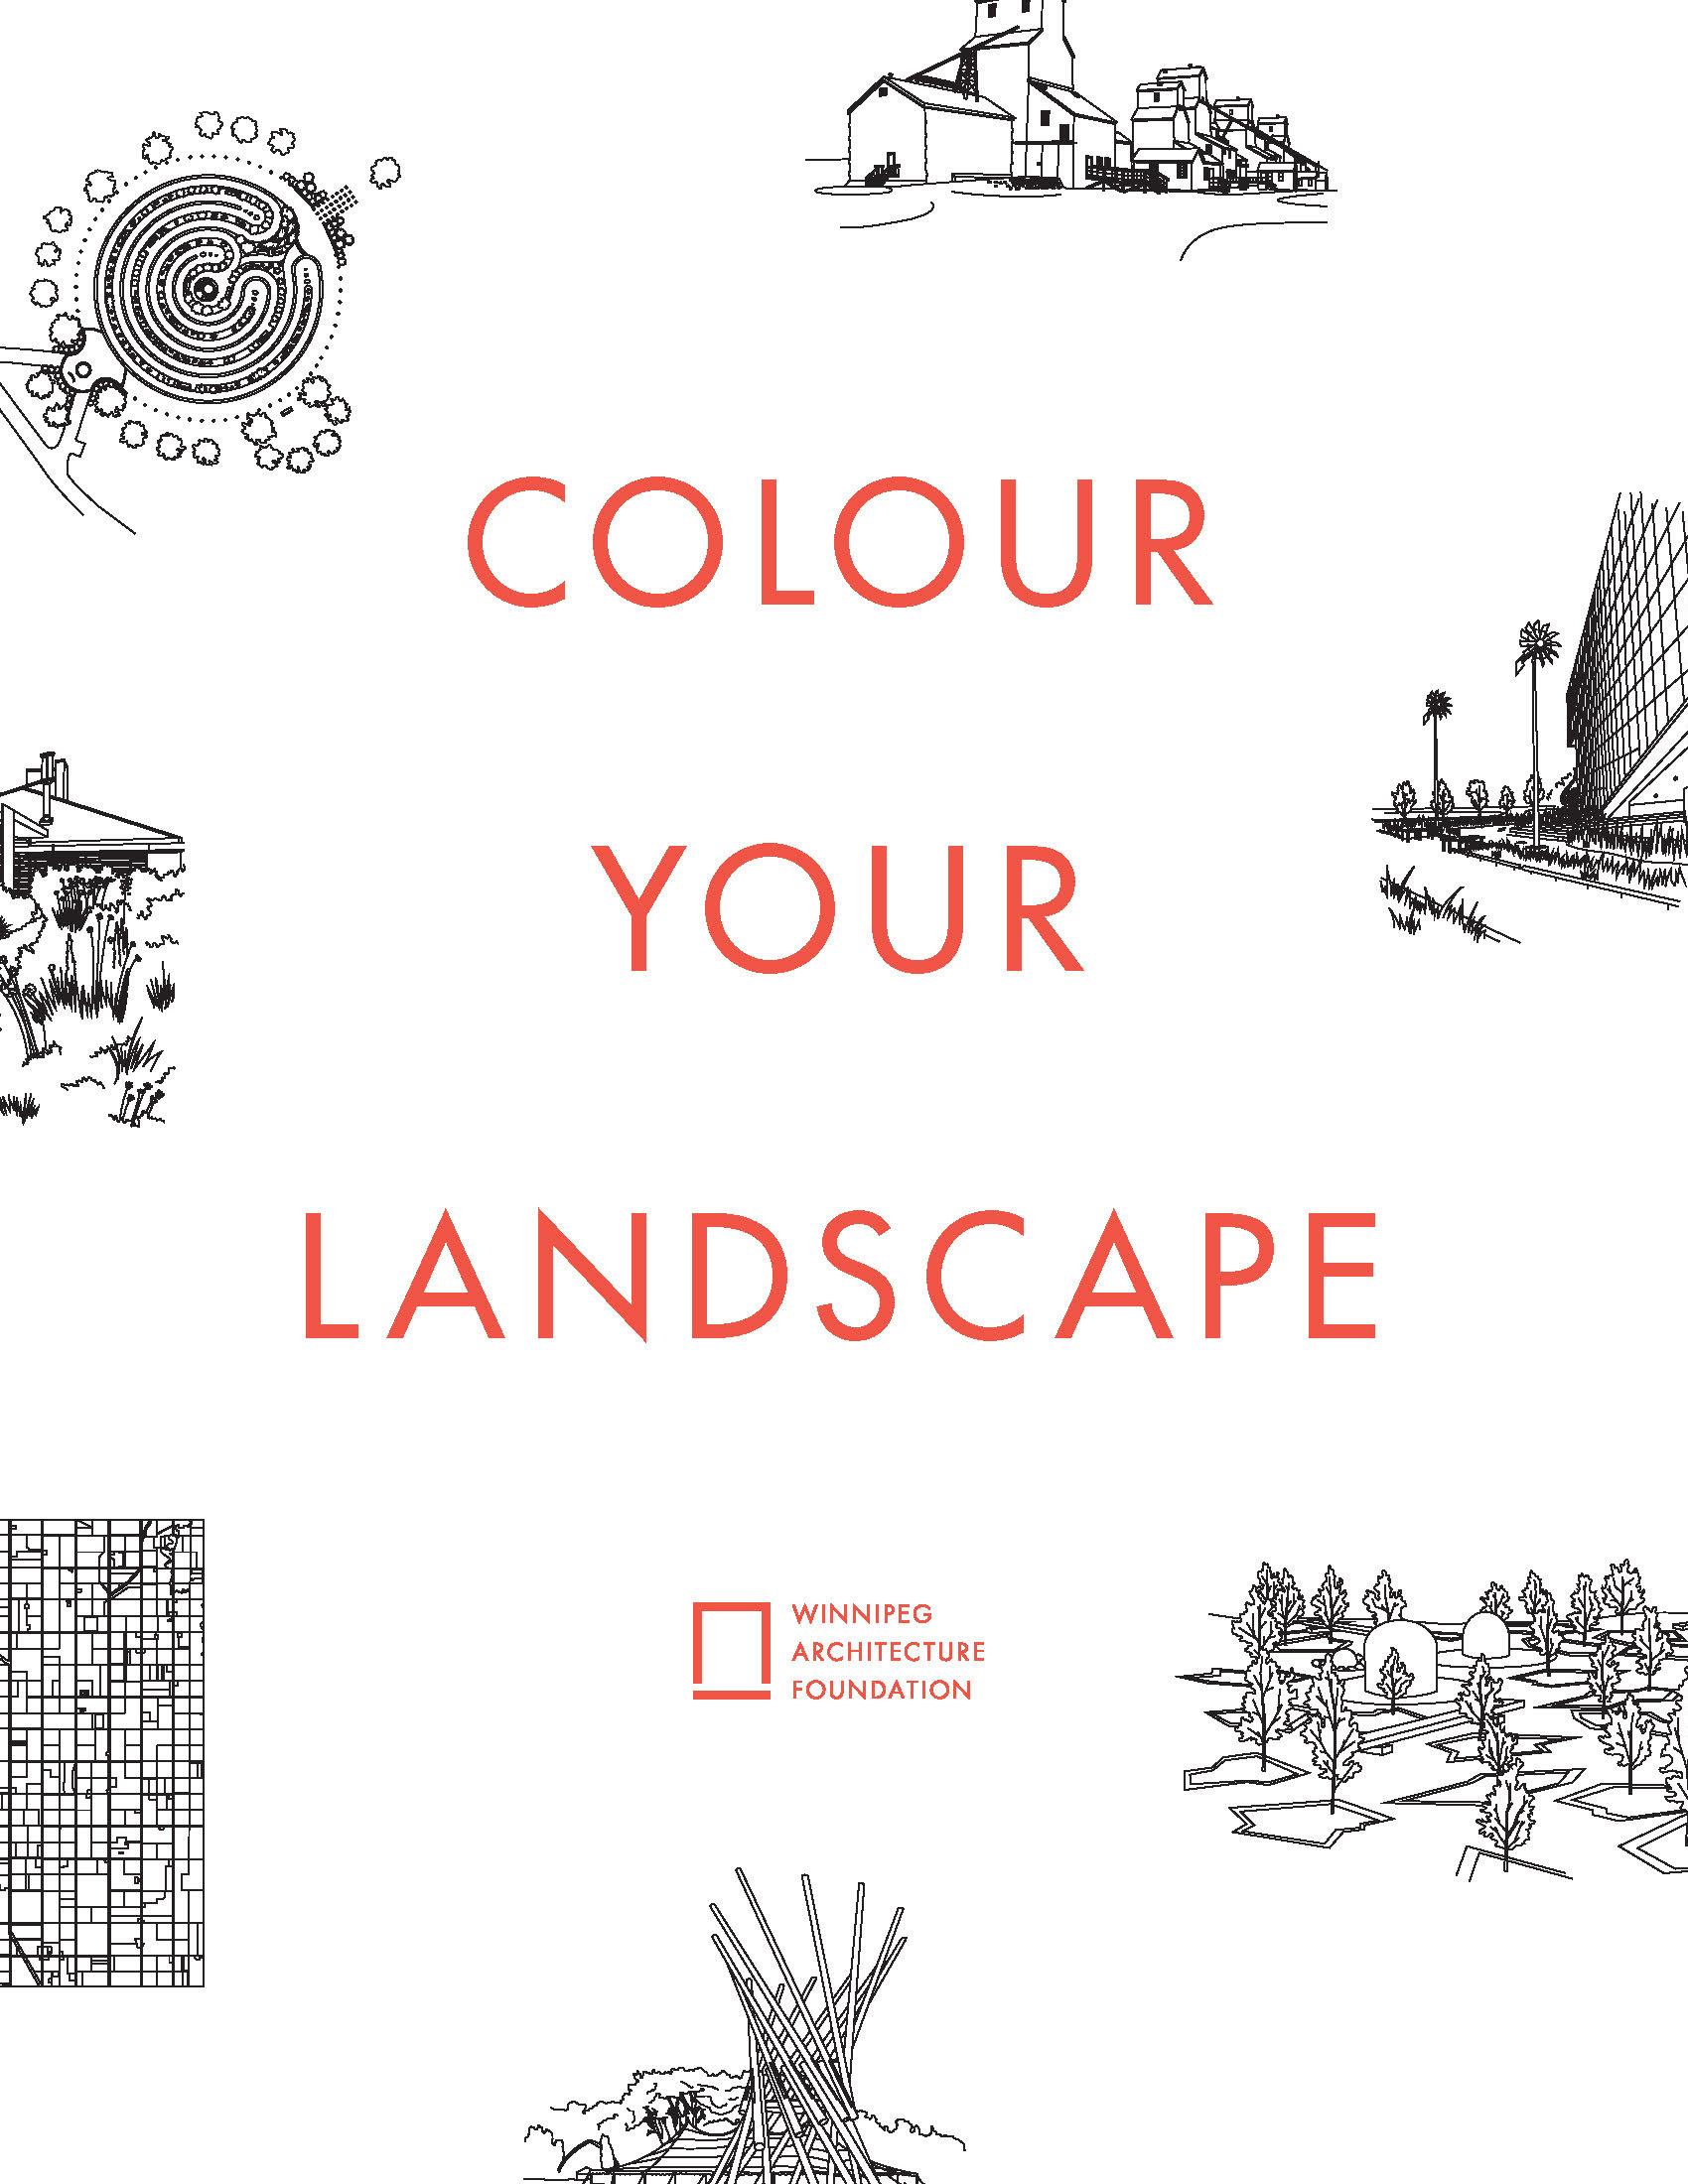 Colour Your Landscape